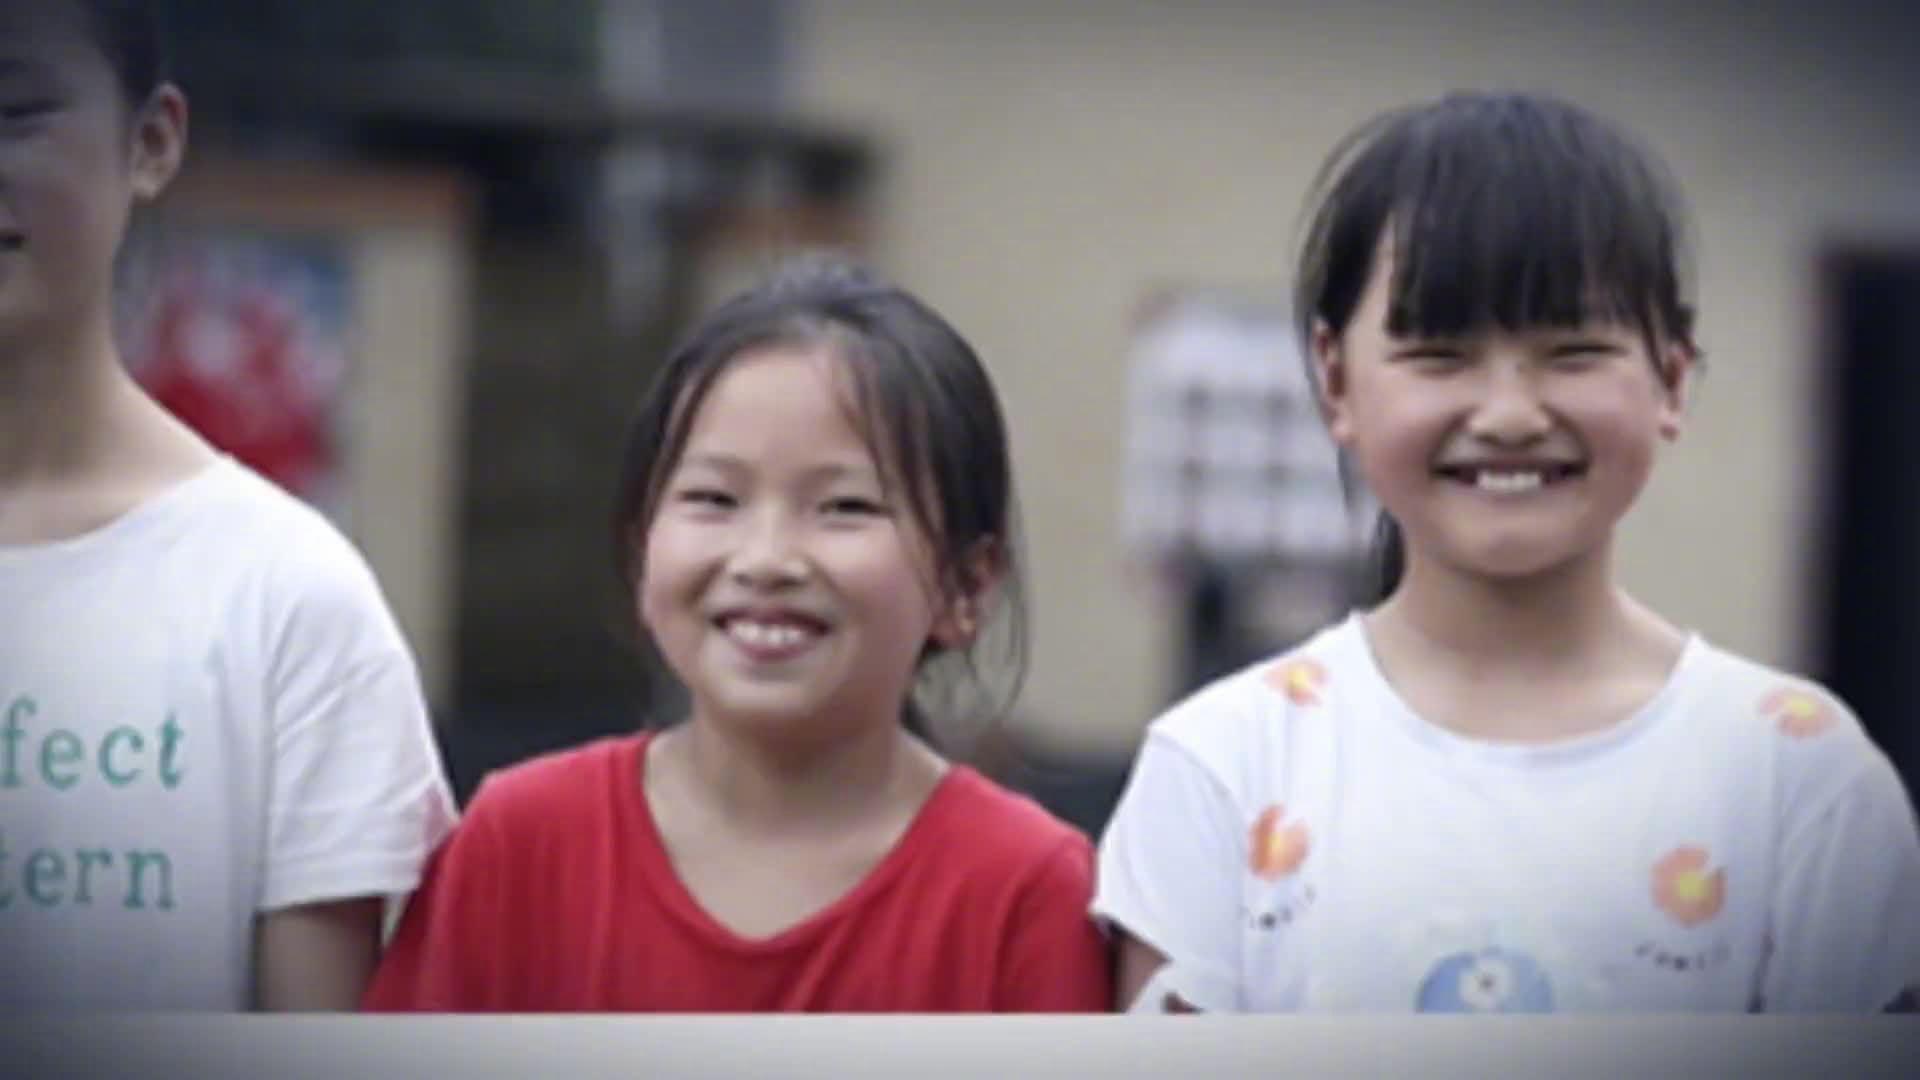 你笑起来真好看丨河池70.22万人口脱贫的背后:脱贫路上疾步行